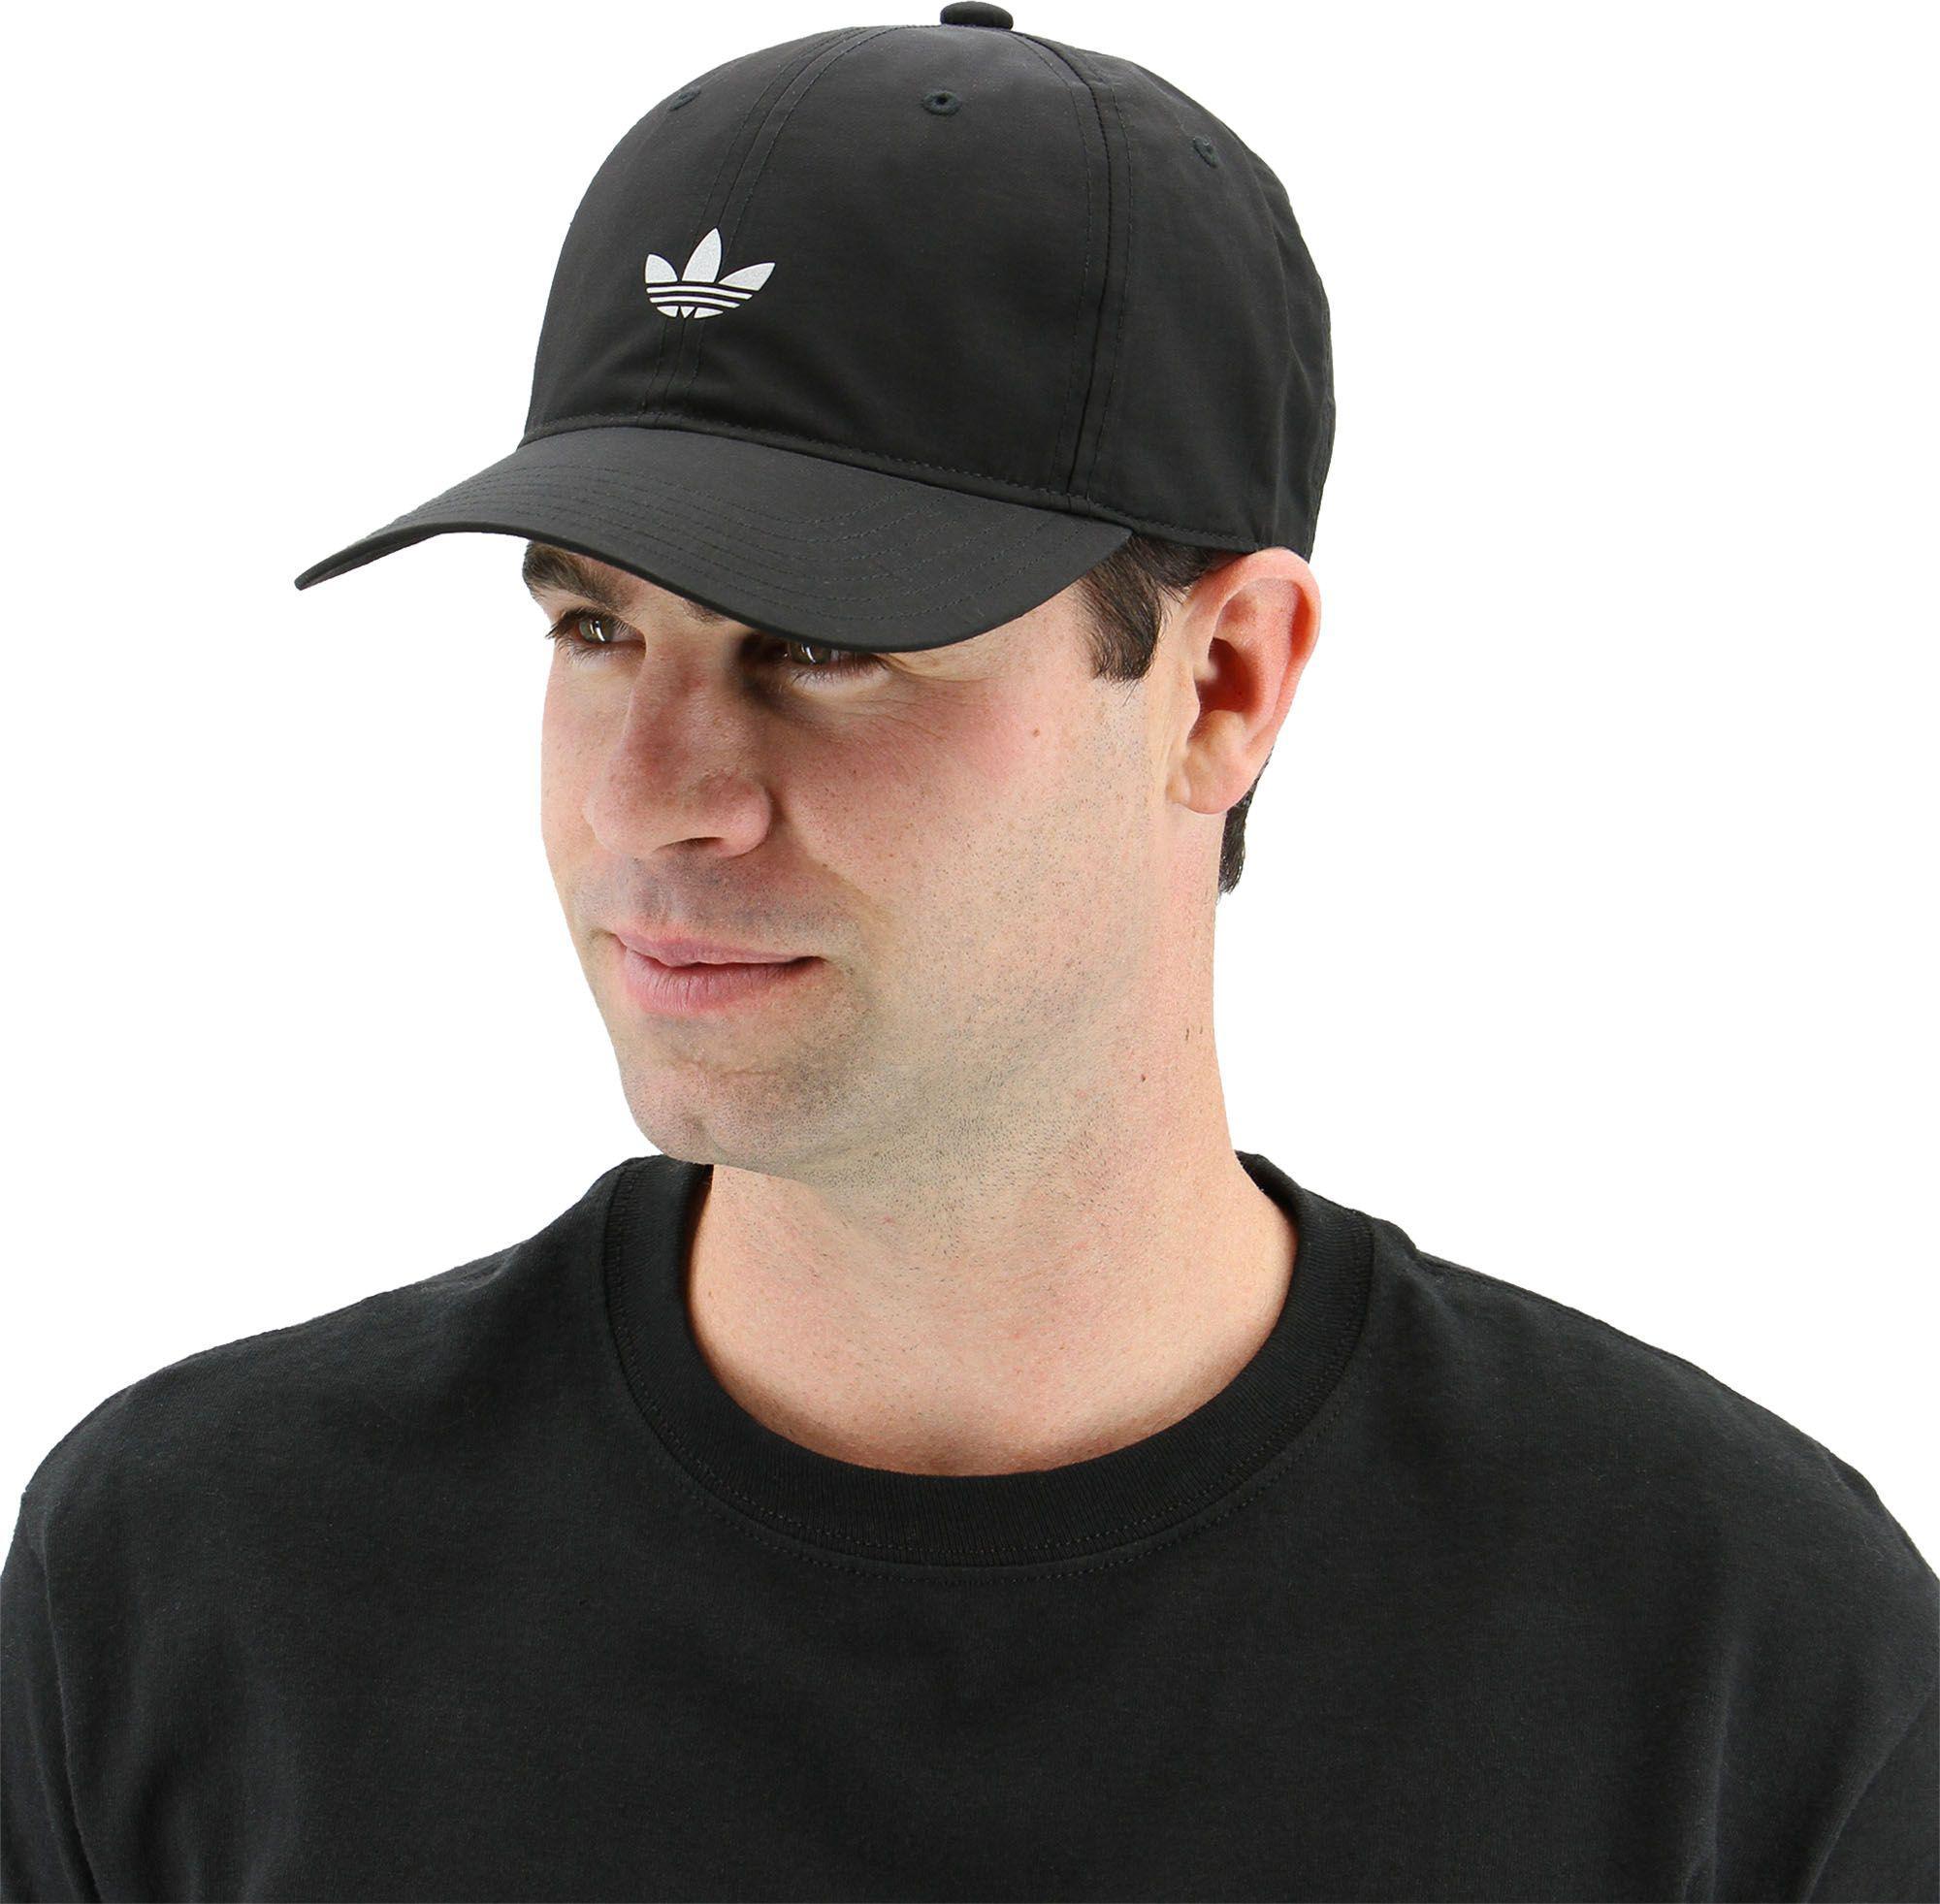 Lyst - adidas Originals Relaxed Modern Ii Hat in Black for Men 7dd5491fb3b